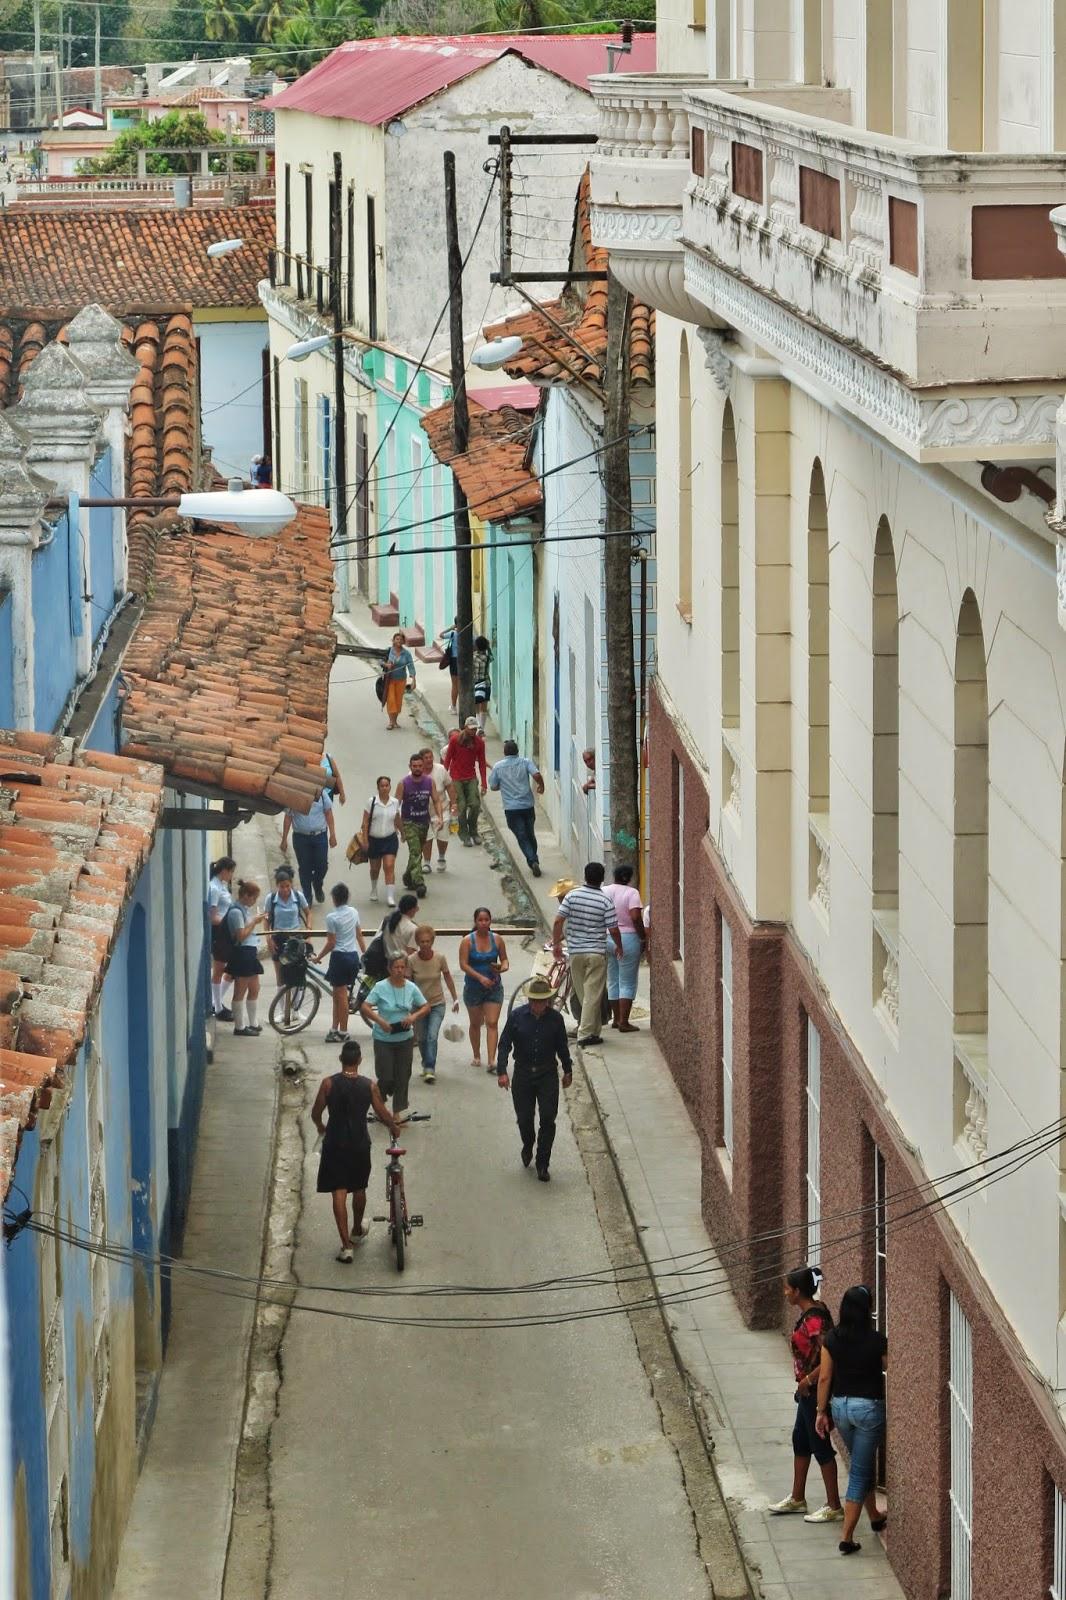 Centro comercial de Sanctu Spiritus, na região central de Cuba